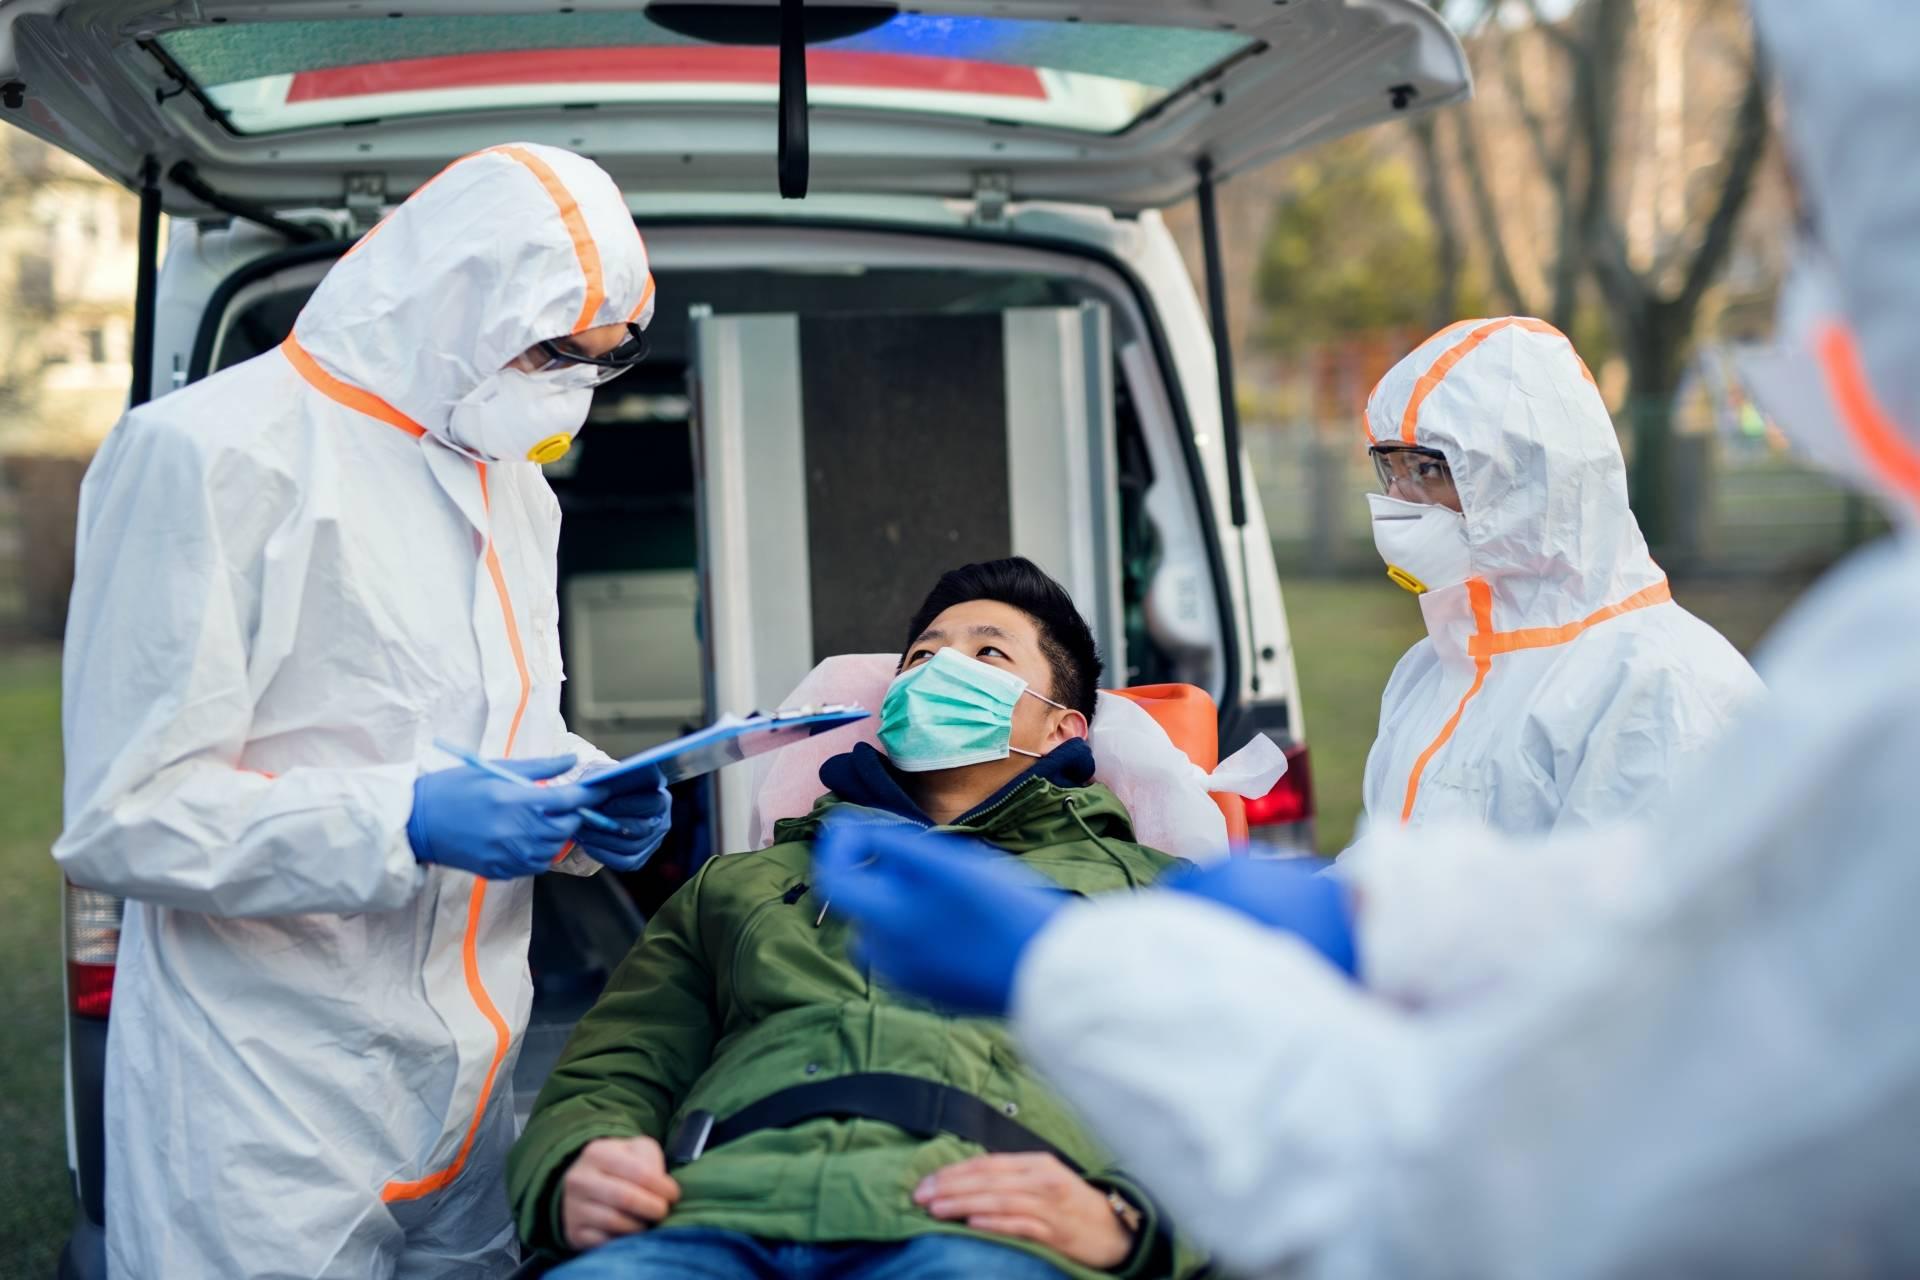 Pandemia - jak przebiegała grypa azjatycka i inne pandemie ogłoszone przez WHO?